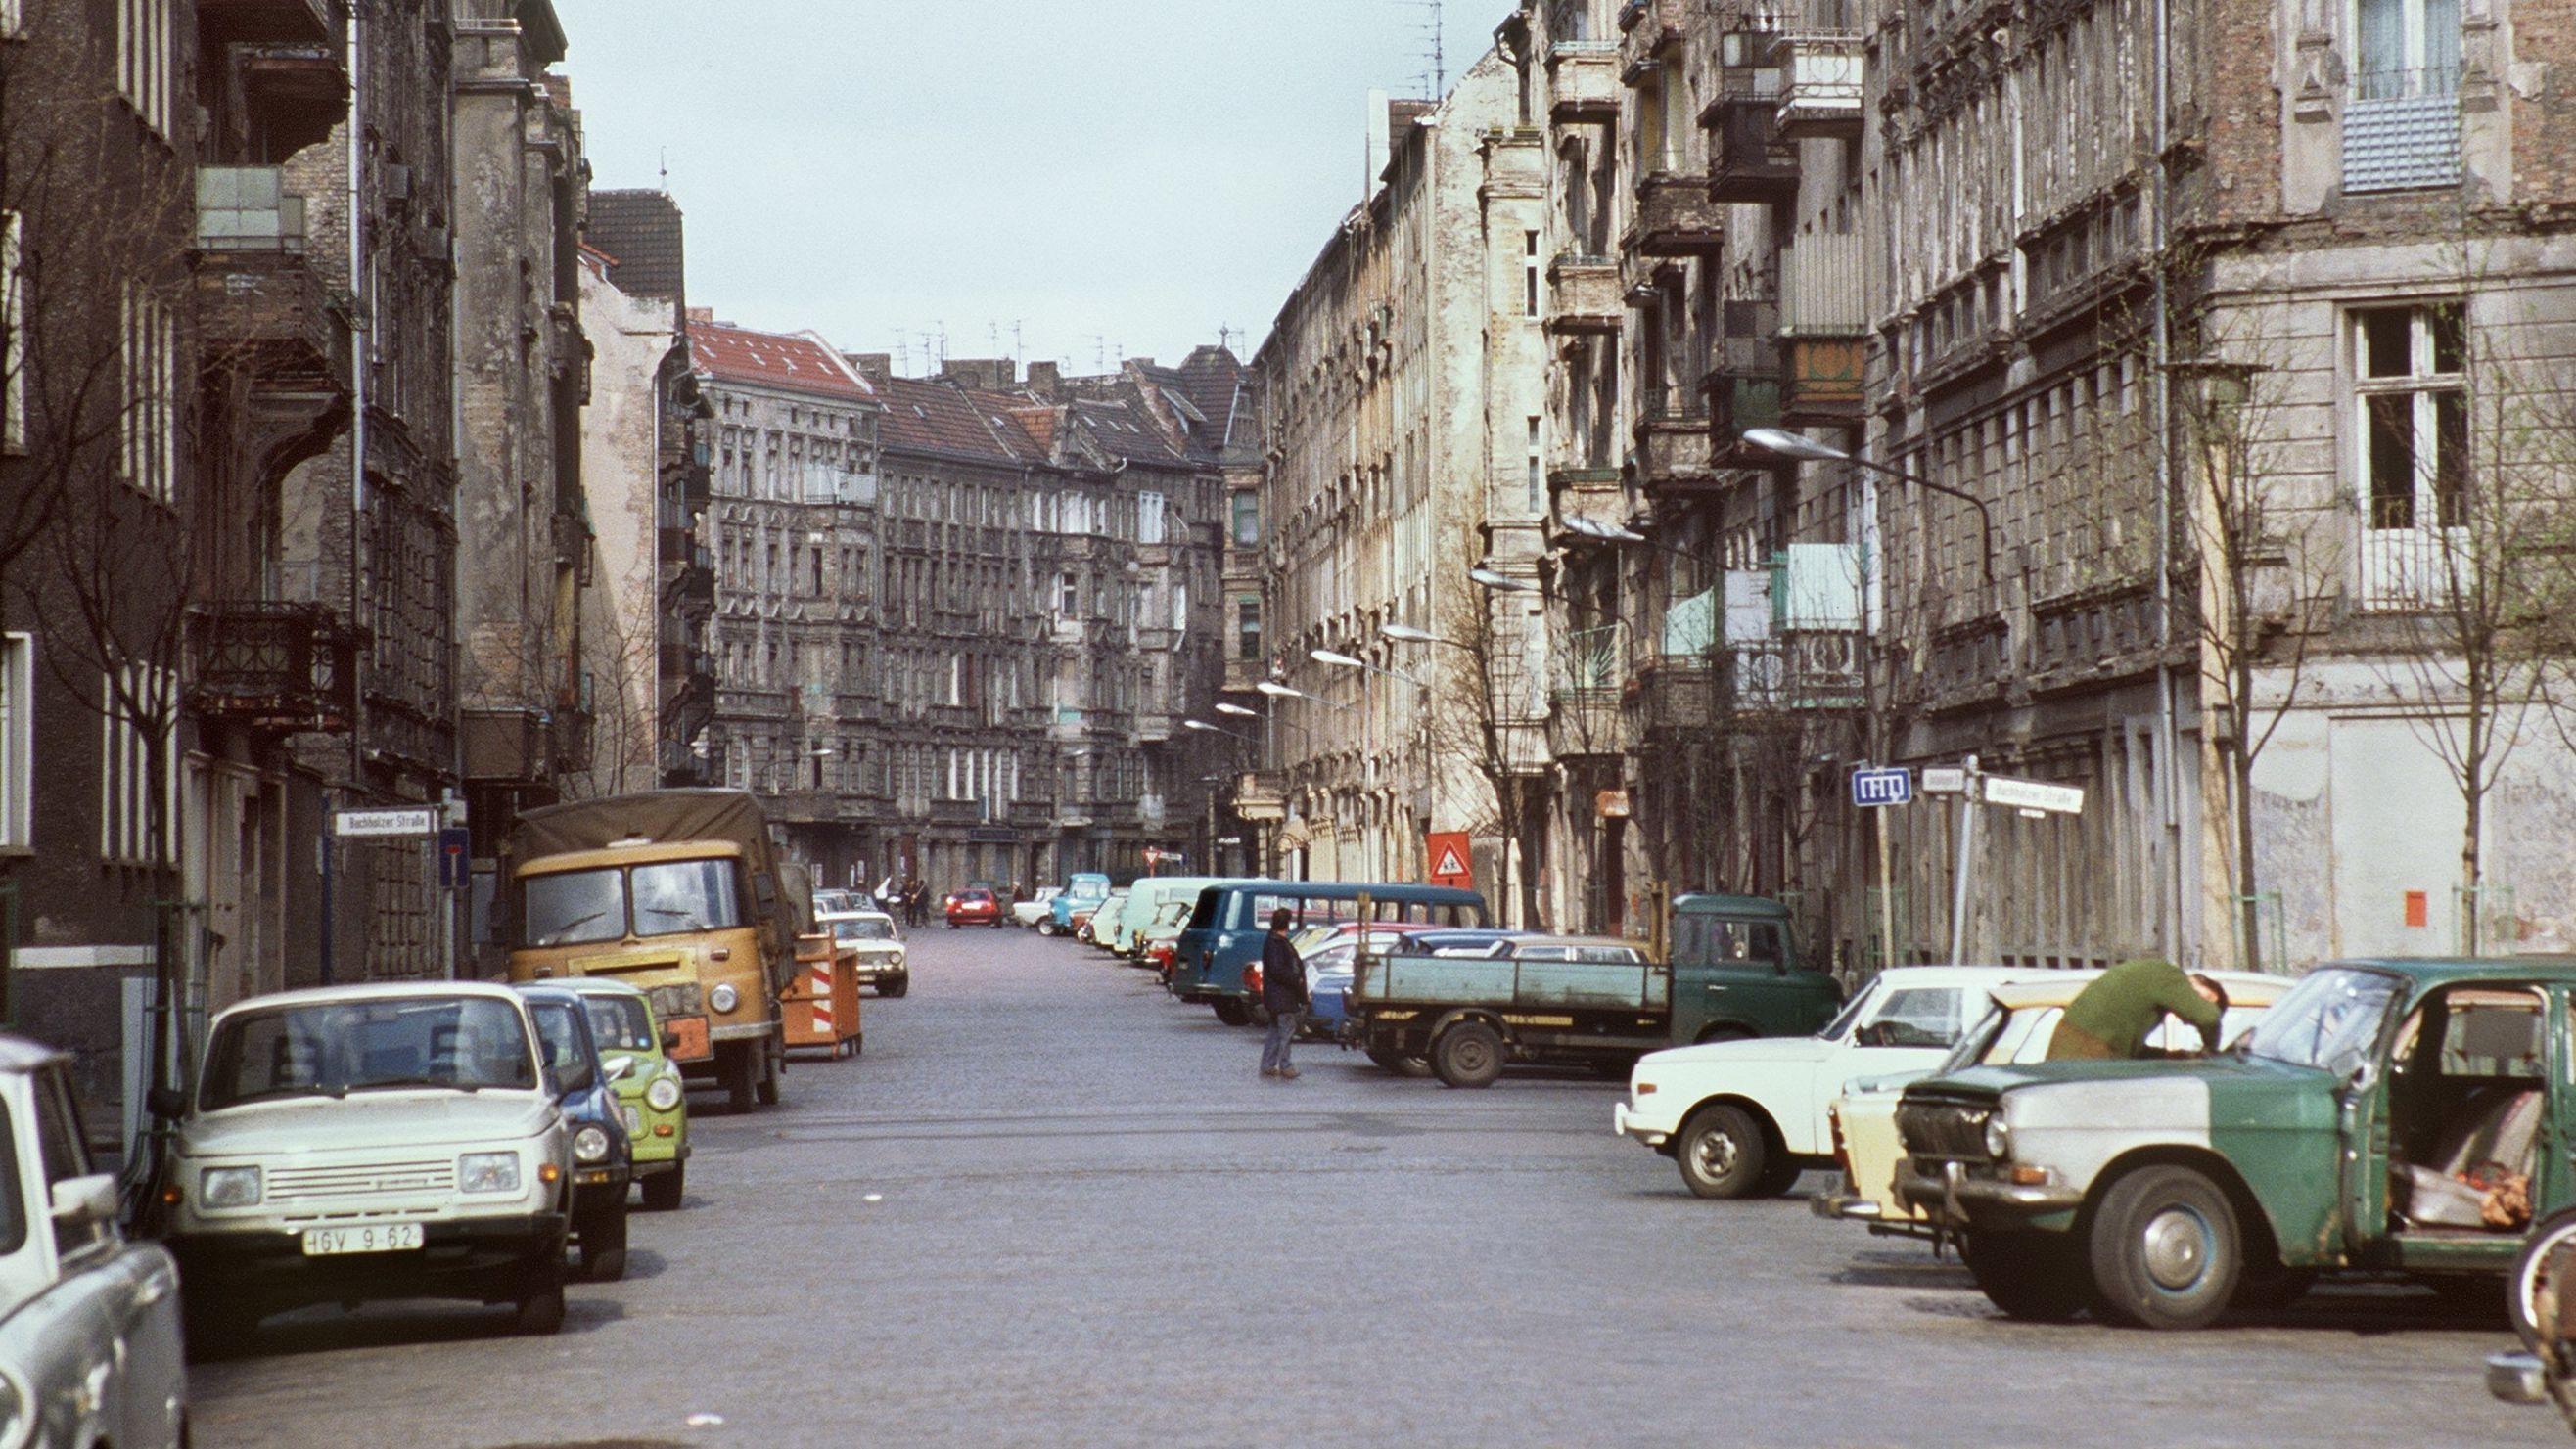 Straßenszene im Prenzlauer Berg 1990 (renovierungsbedürftige Häuser, Autos auf der Straße)